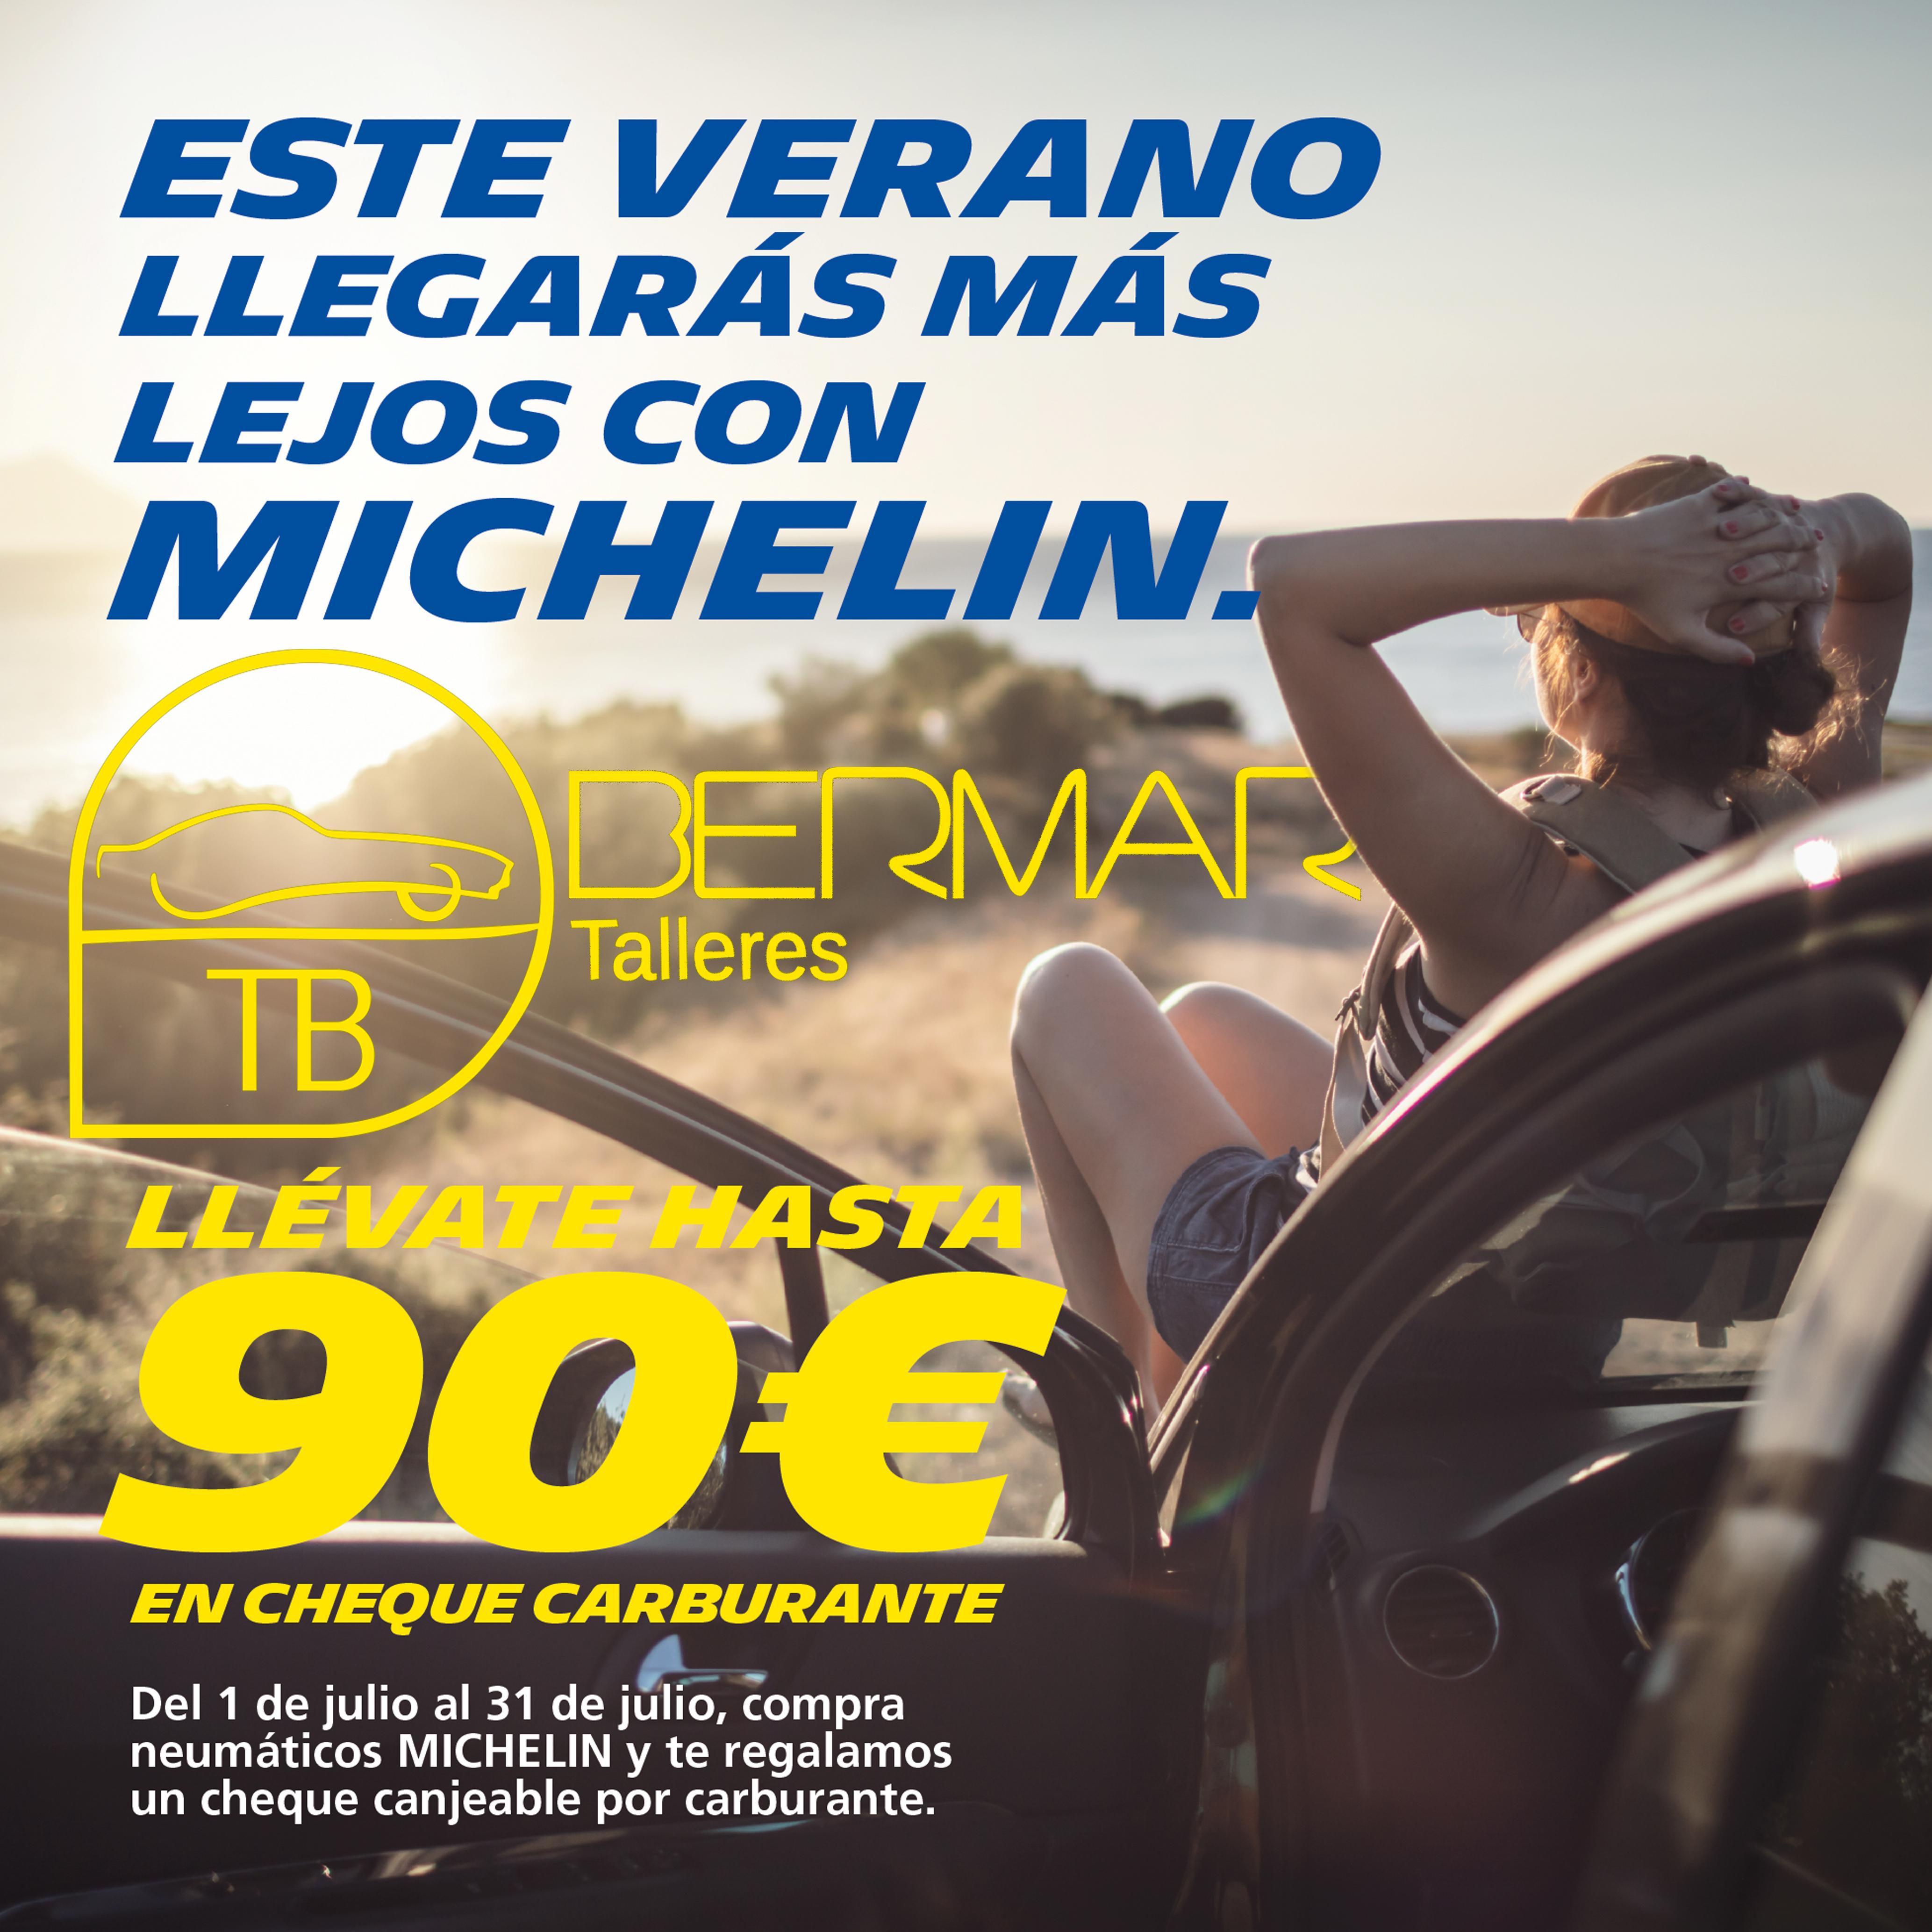 DISFRUTA EL VERANO CON MICHELIN